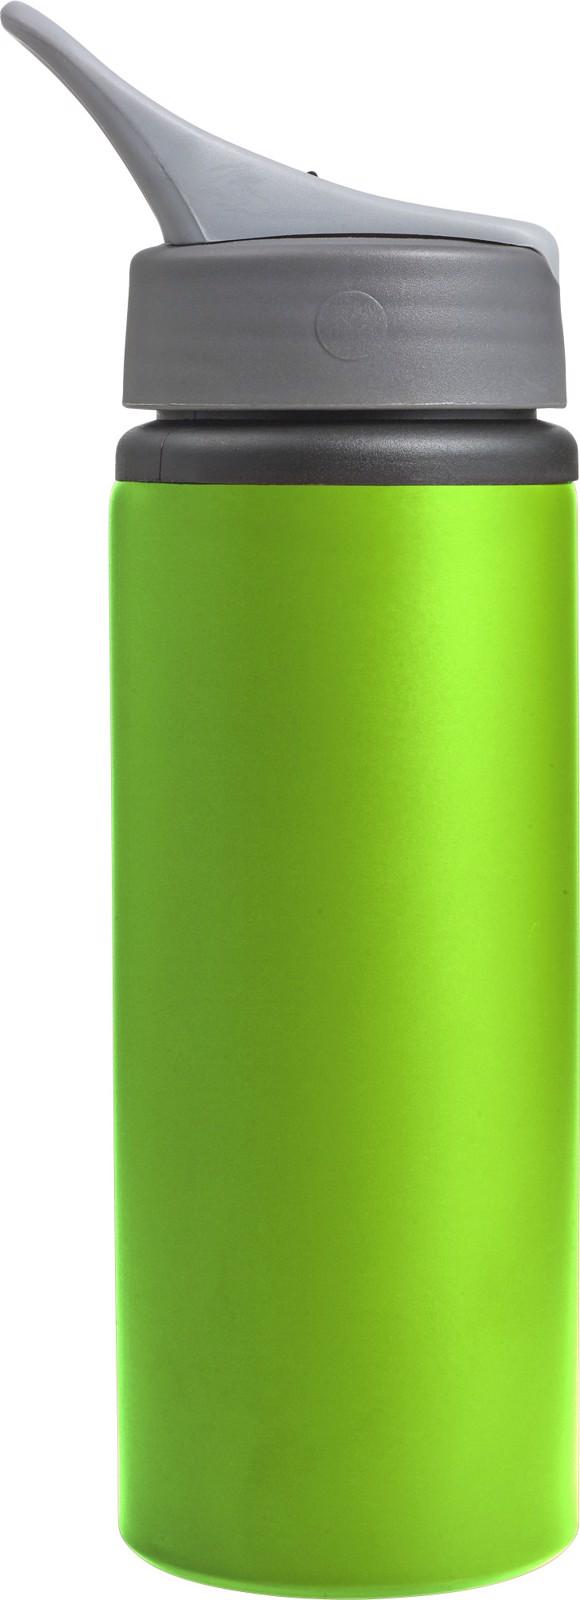 Aluminium bottle - Lime